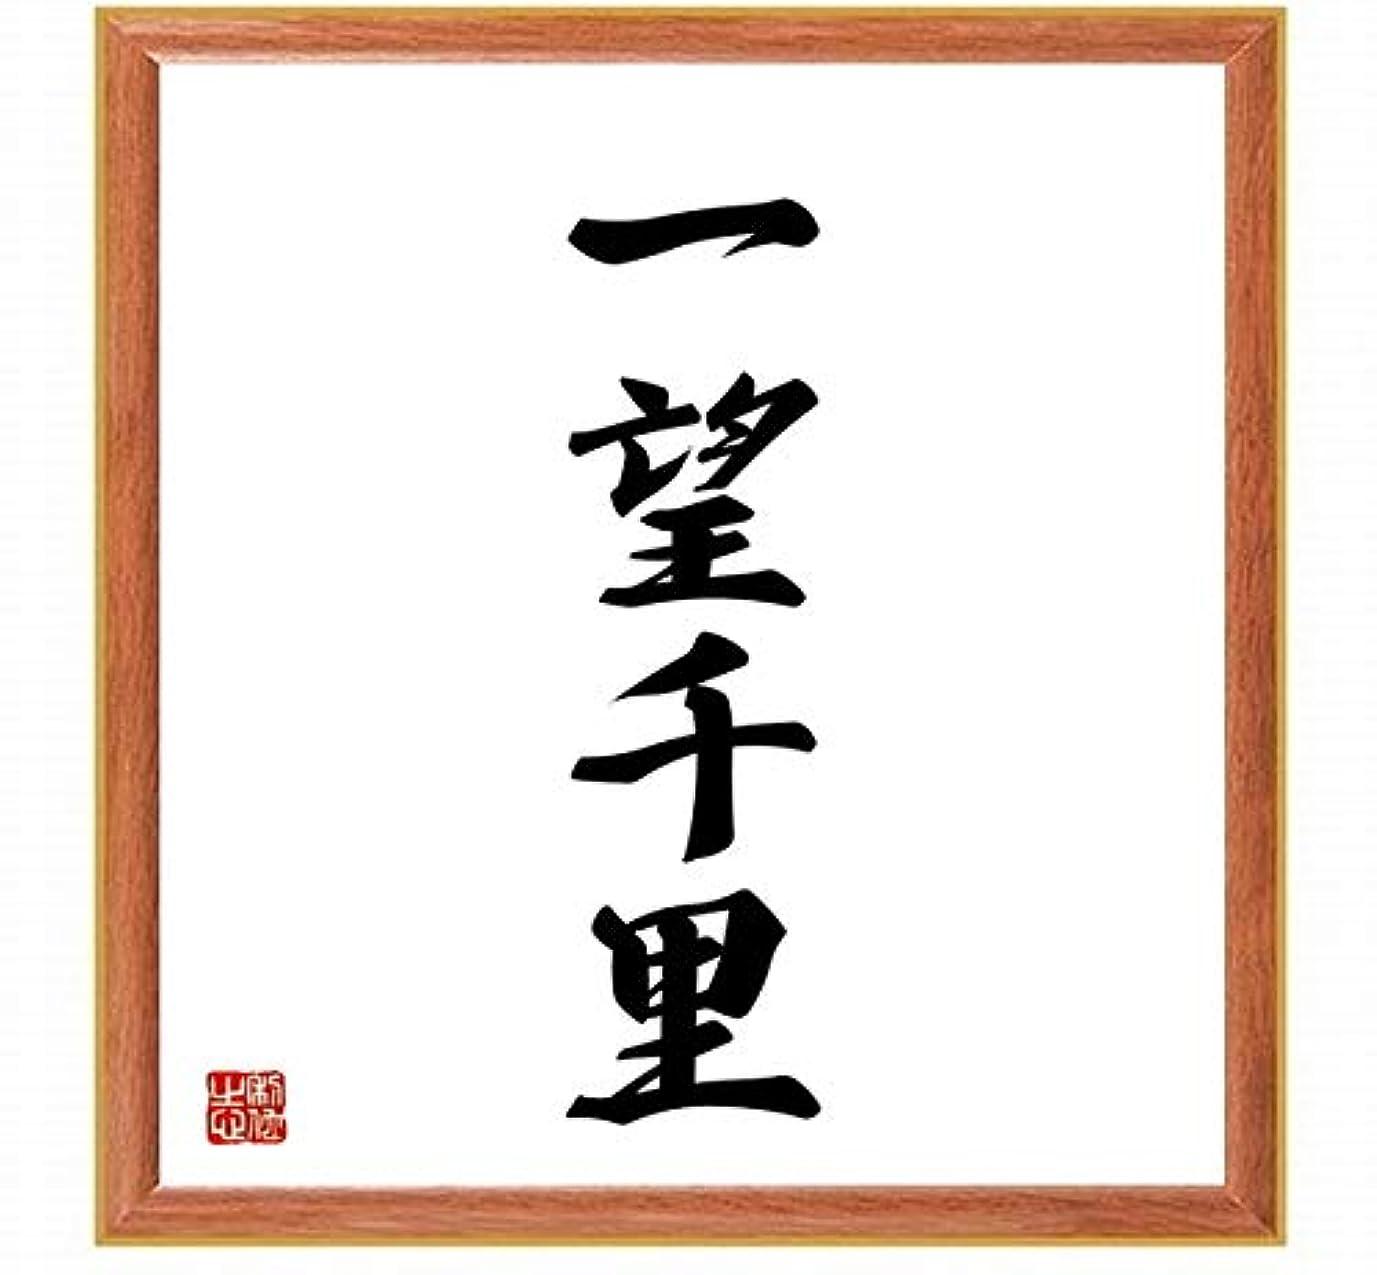 めまい考古学的な効果的書道色紙/四字熟語『一望千里』薄茶額付/受注後直筆(千言堂)